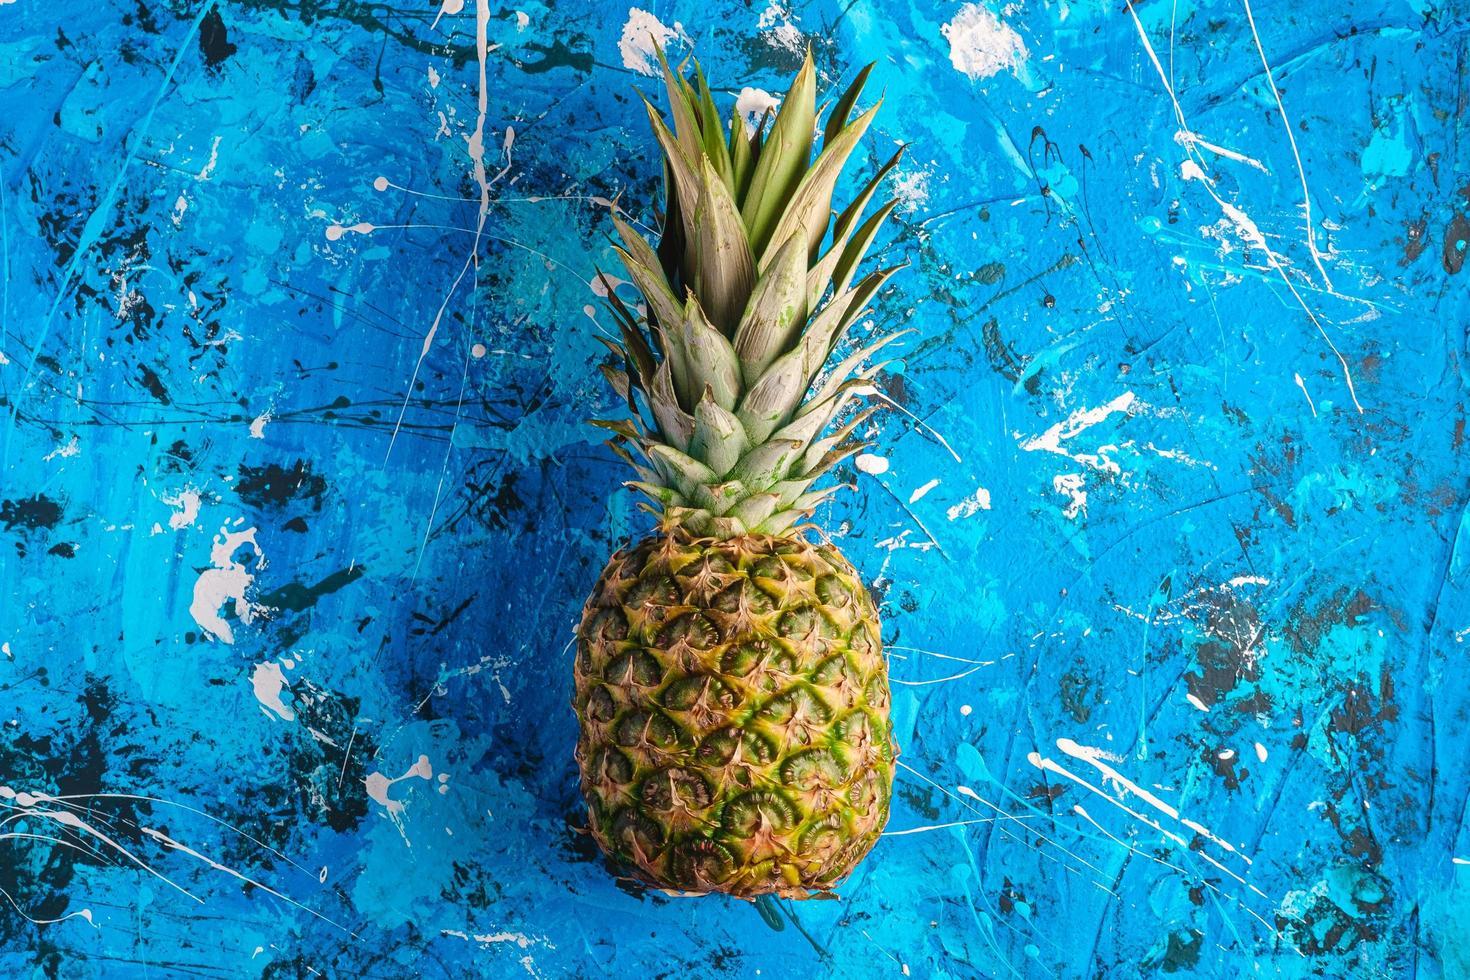 färsk söt ananas på blå texturerad bakgrund foto